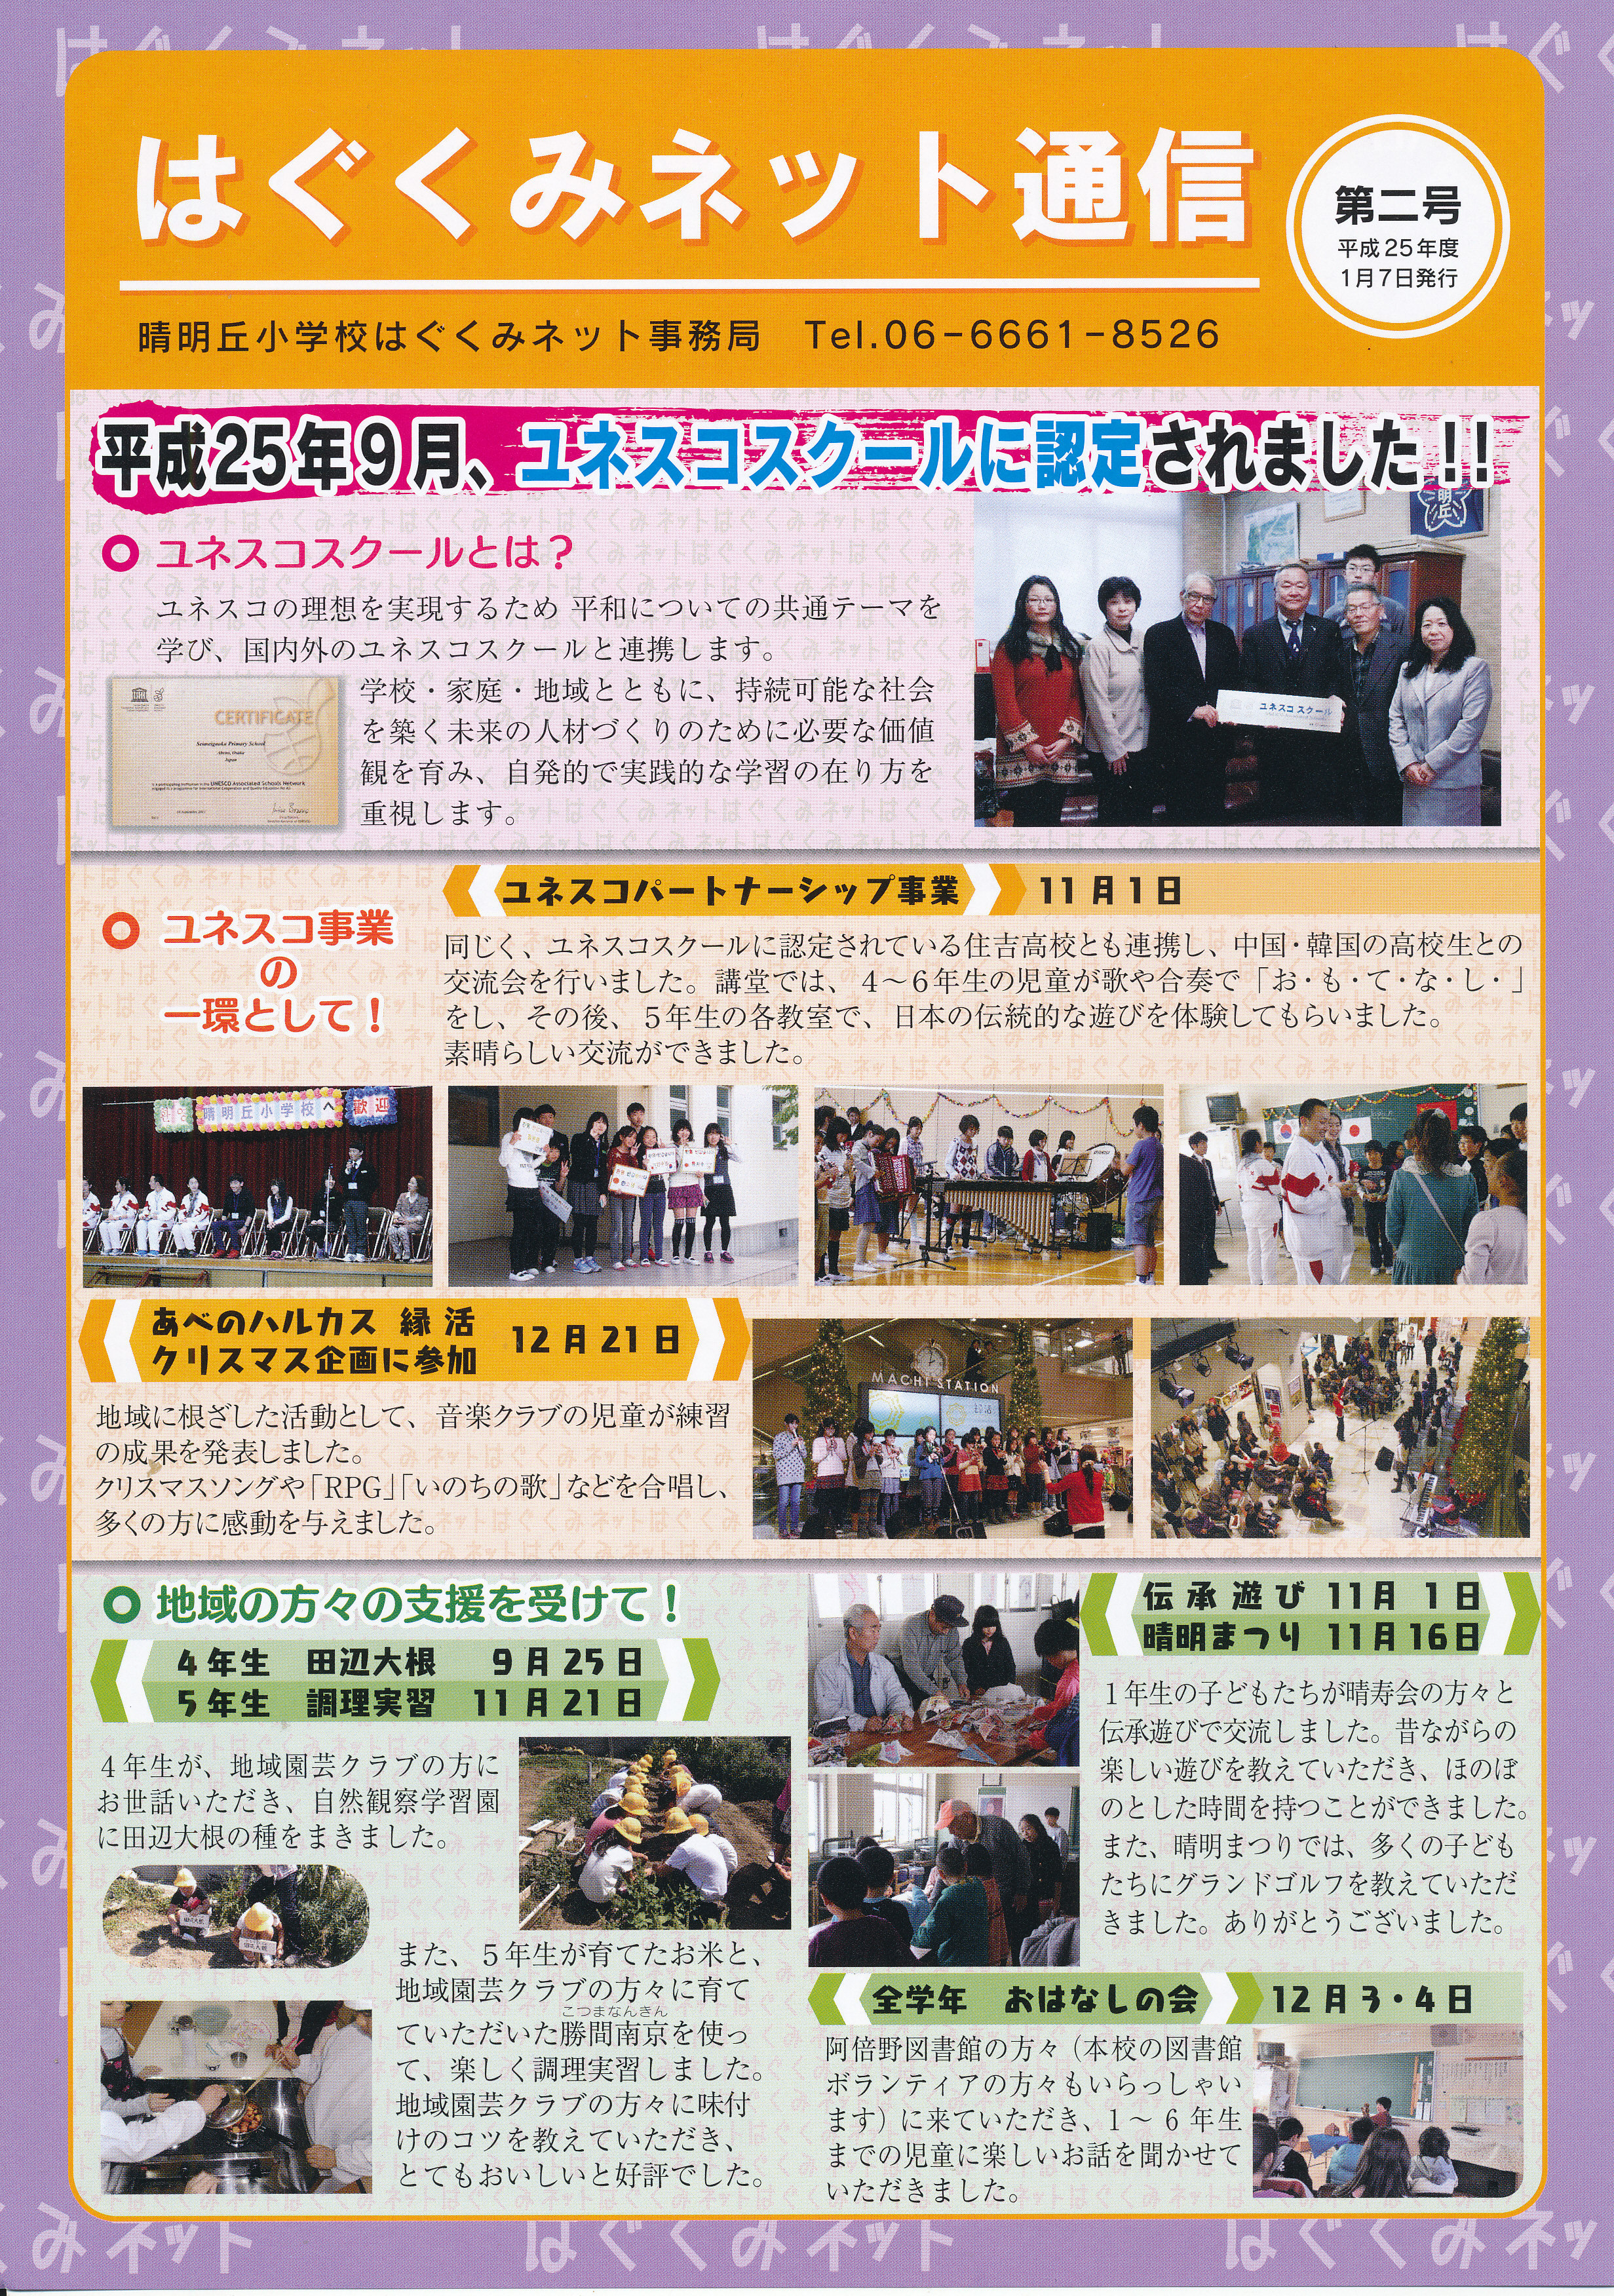 20140113_0012.jpg